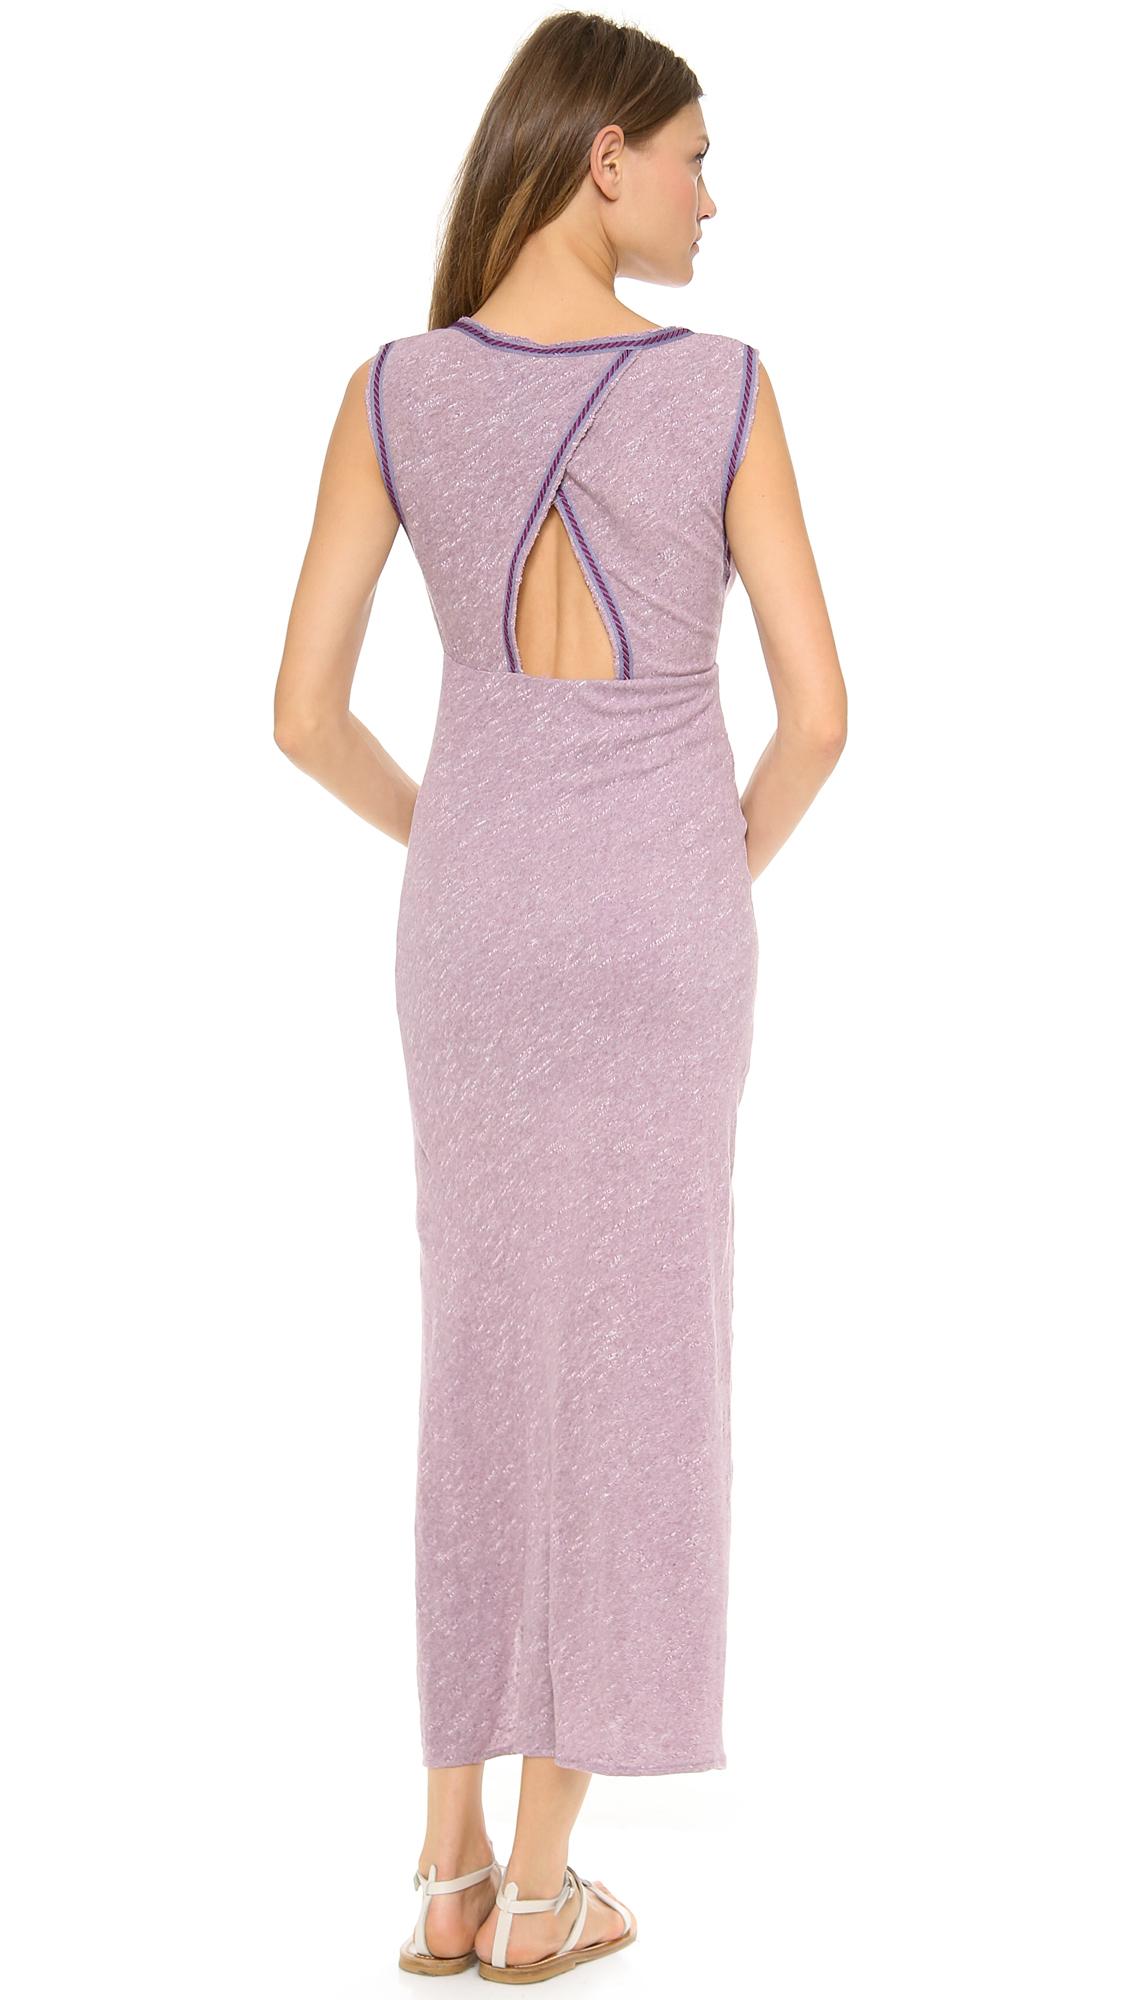 67436f28d9a29 Lyst - Free People Sabrina Maxi Dress in Purple